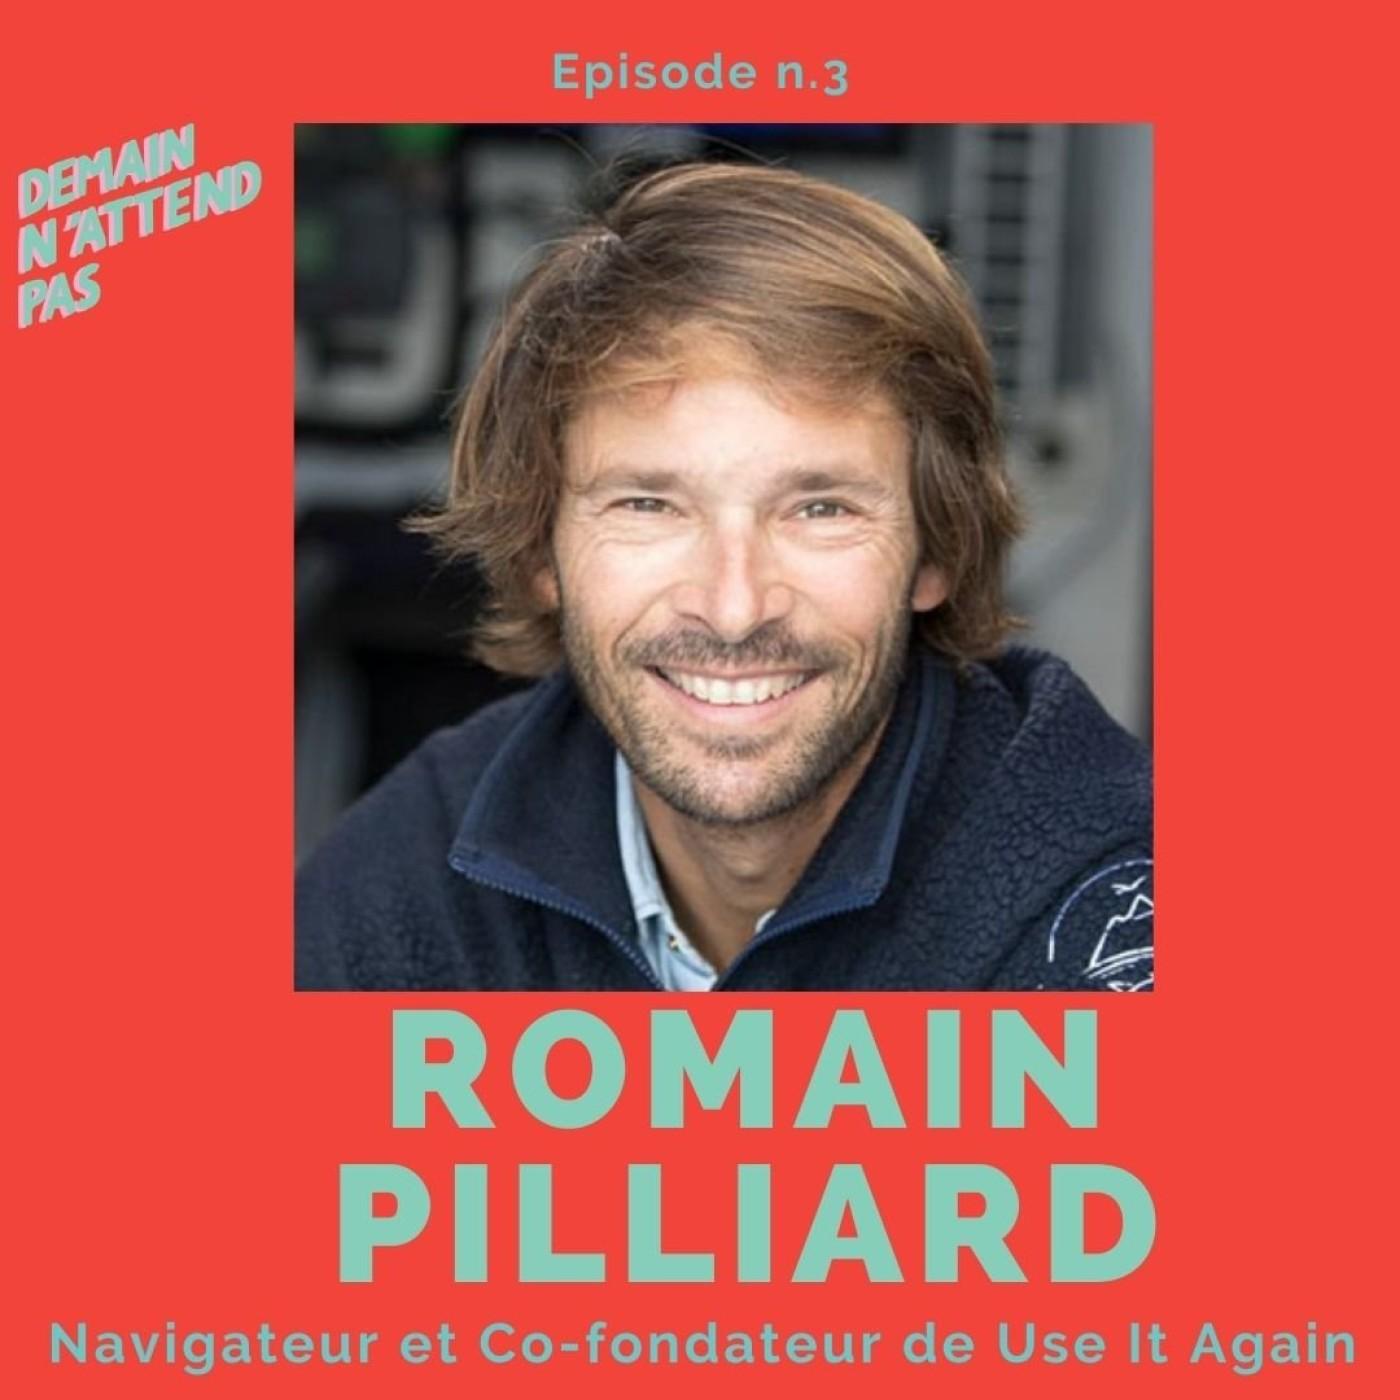 3- Romain Pilliard, navigateur de la Route du Rhum, cofondateur de Use It Again et porte-parole de l'Economie Circulaire